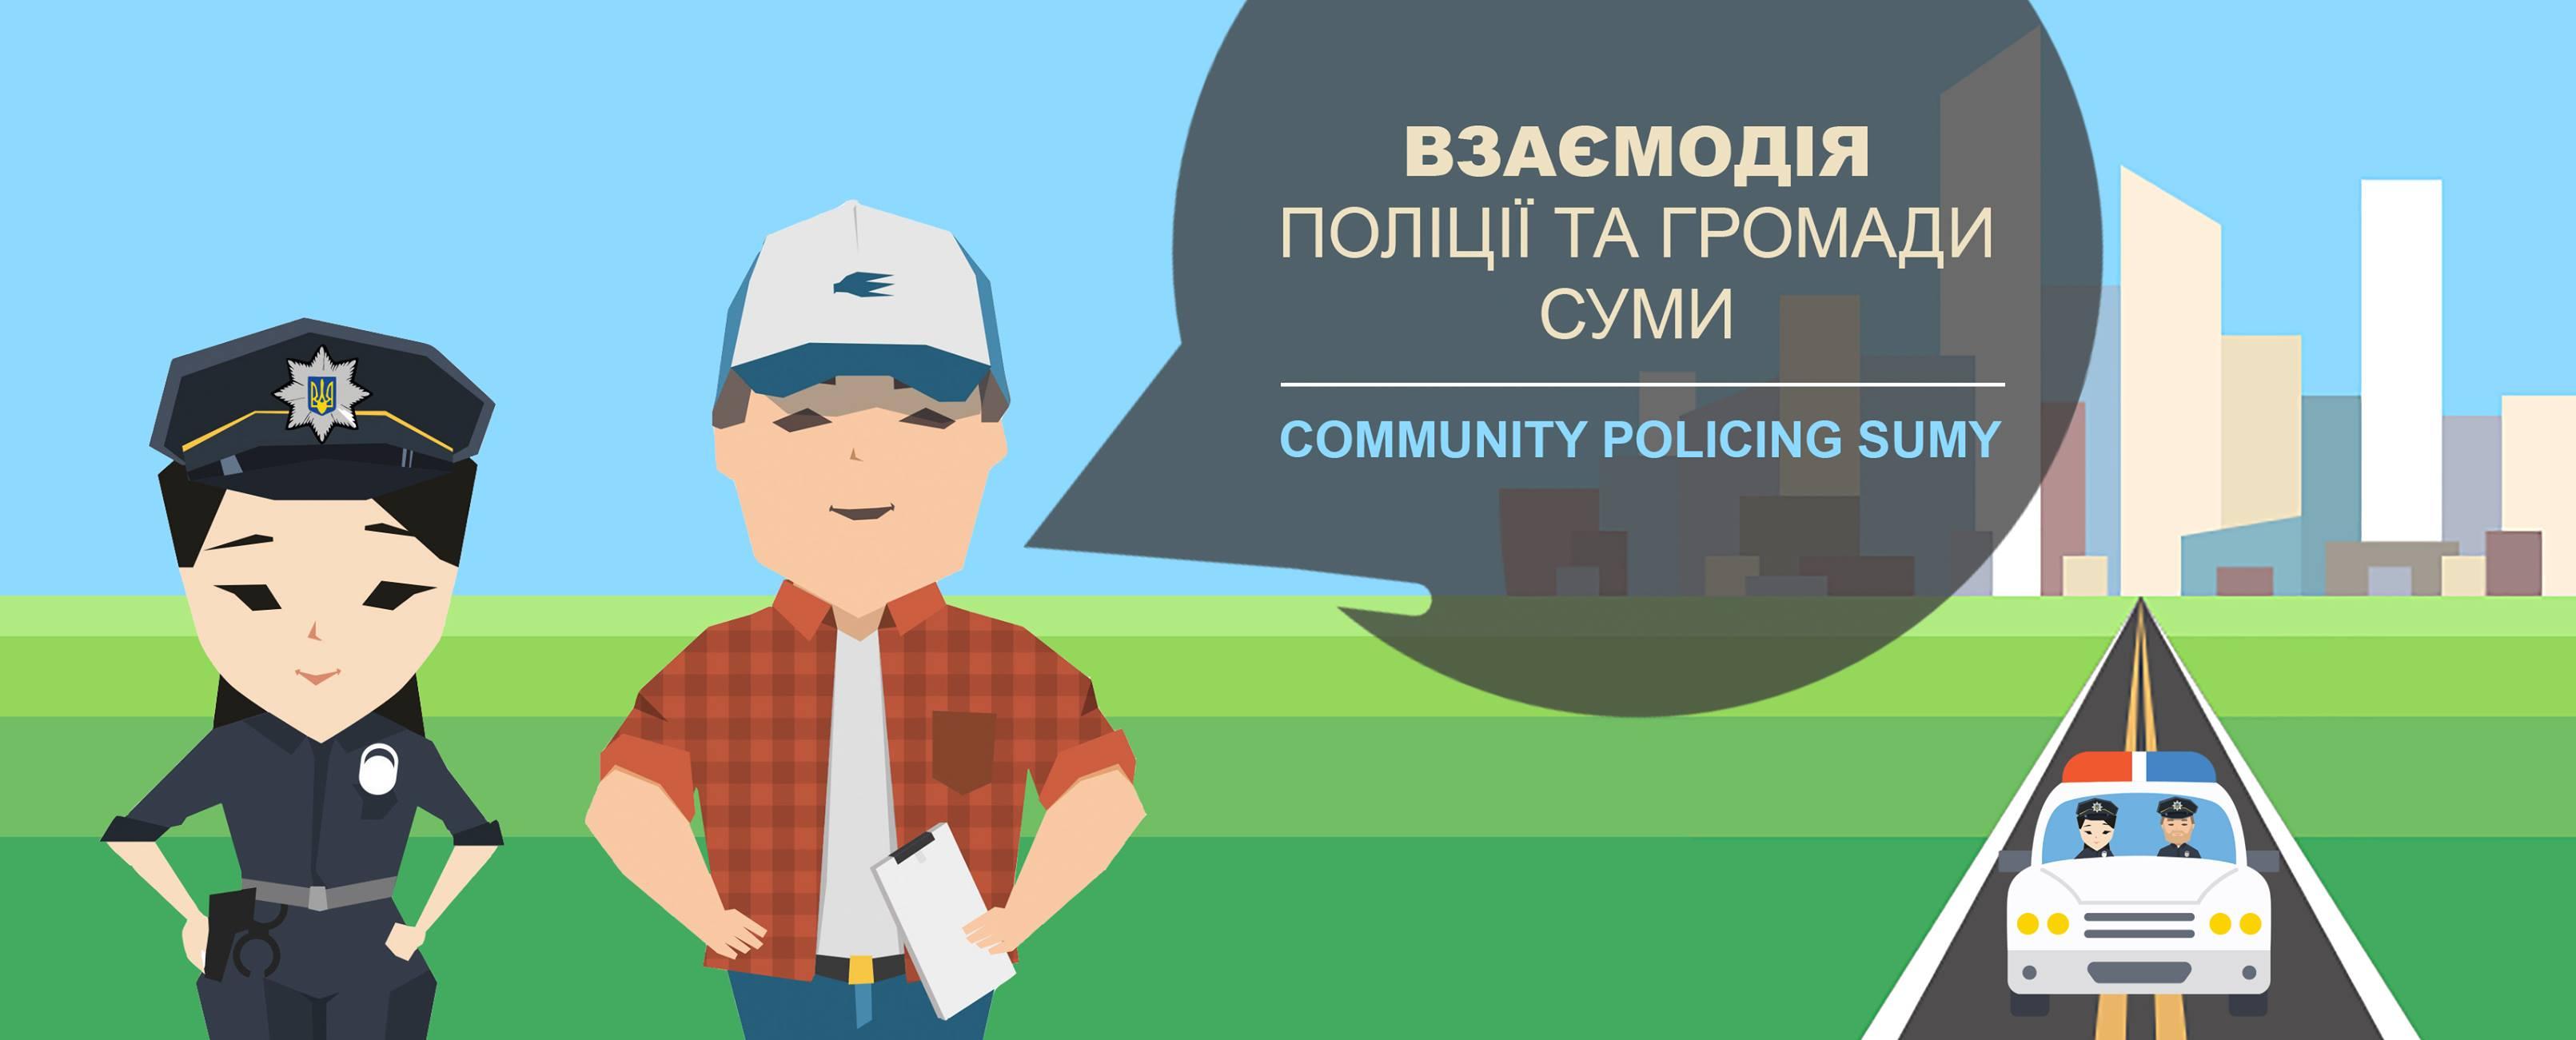 Поліція і громада